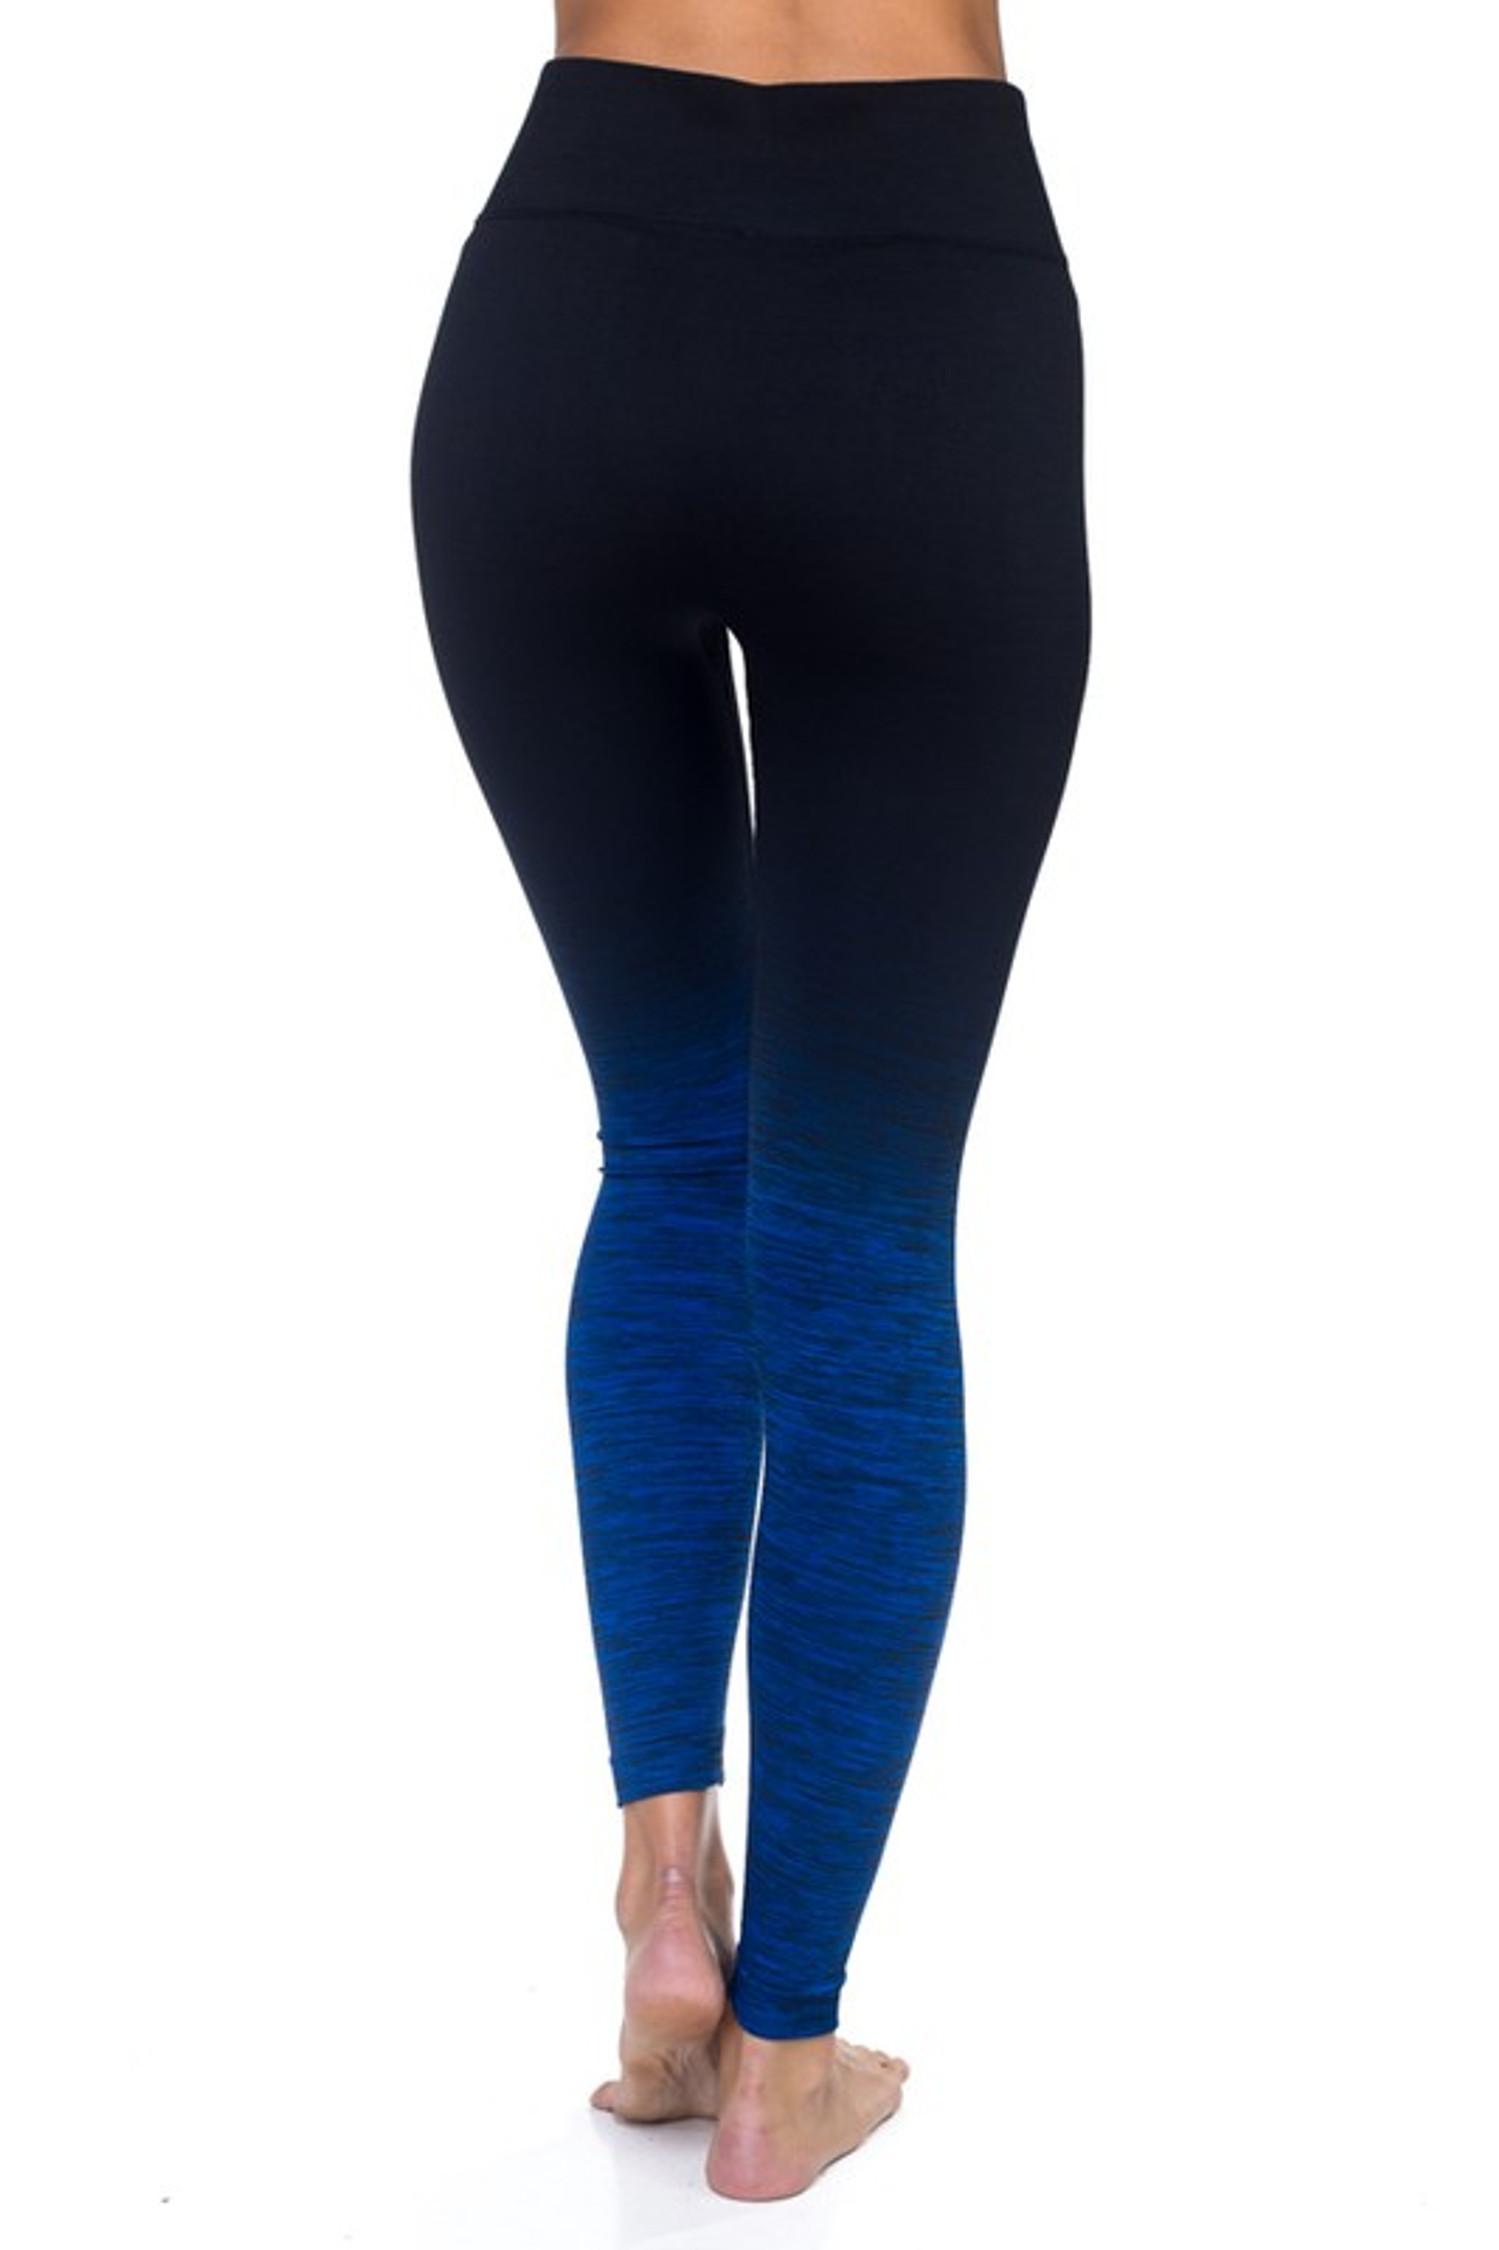 Body Flatter Color Blend Workout Leggings